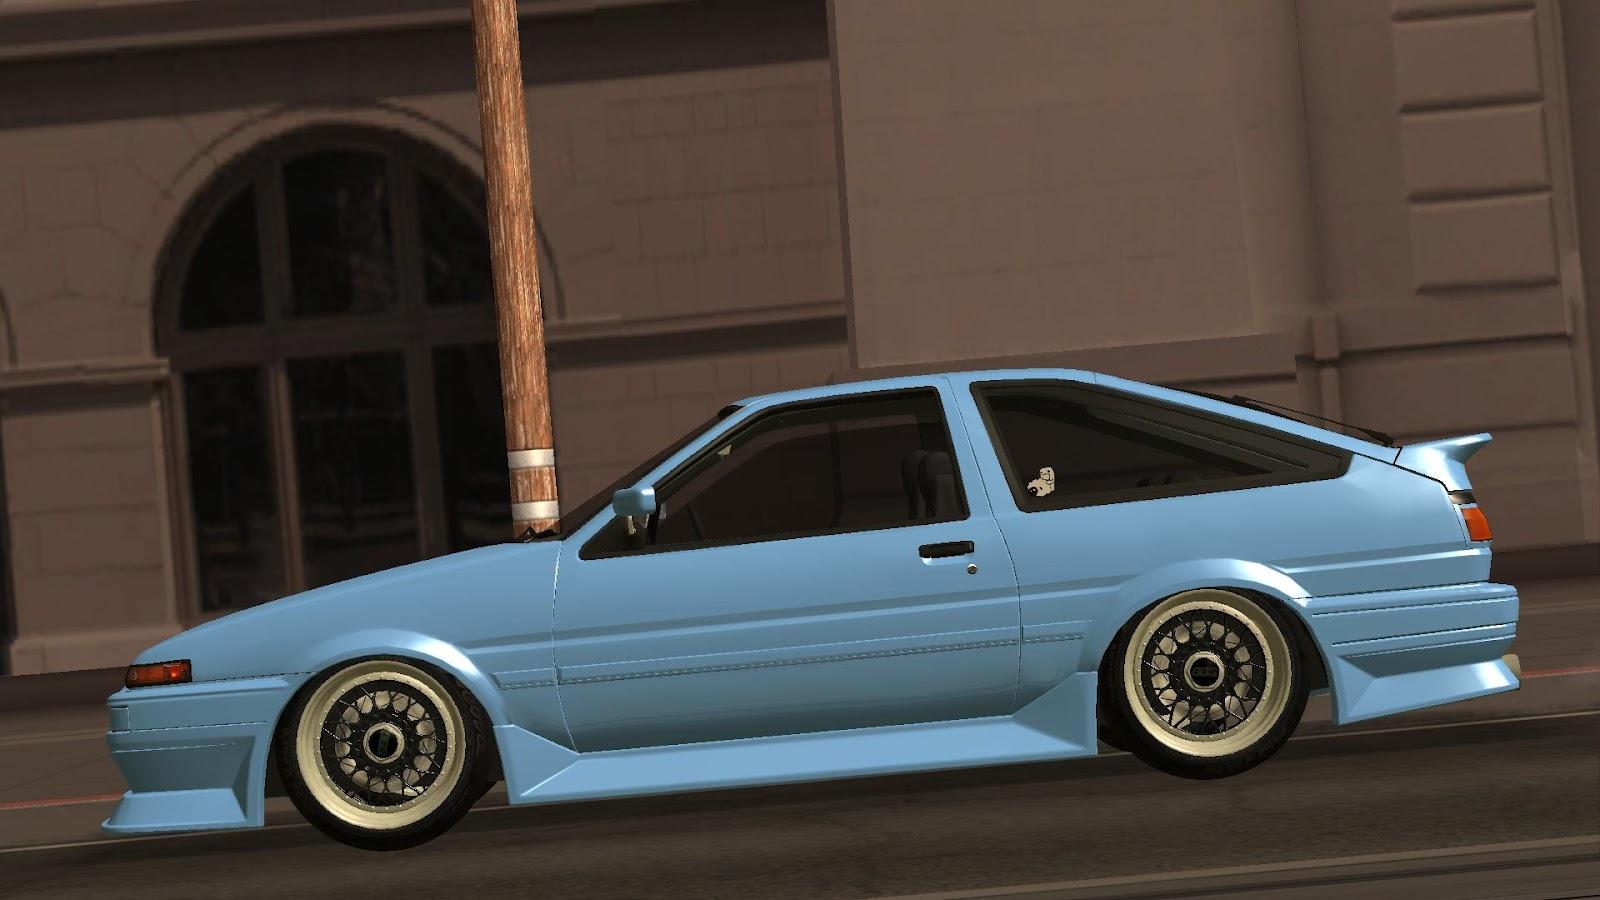 Toyota Sprinter Trueno Ae